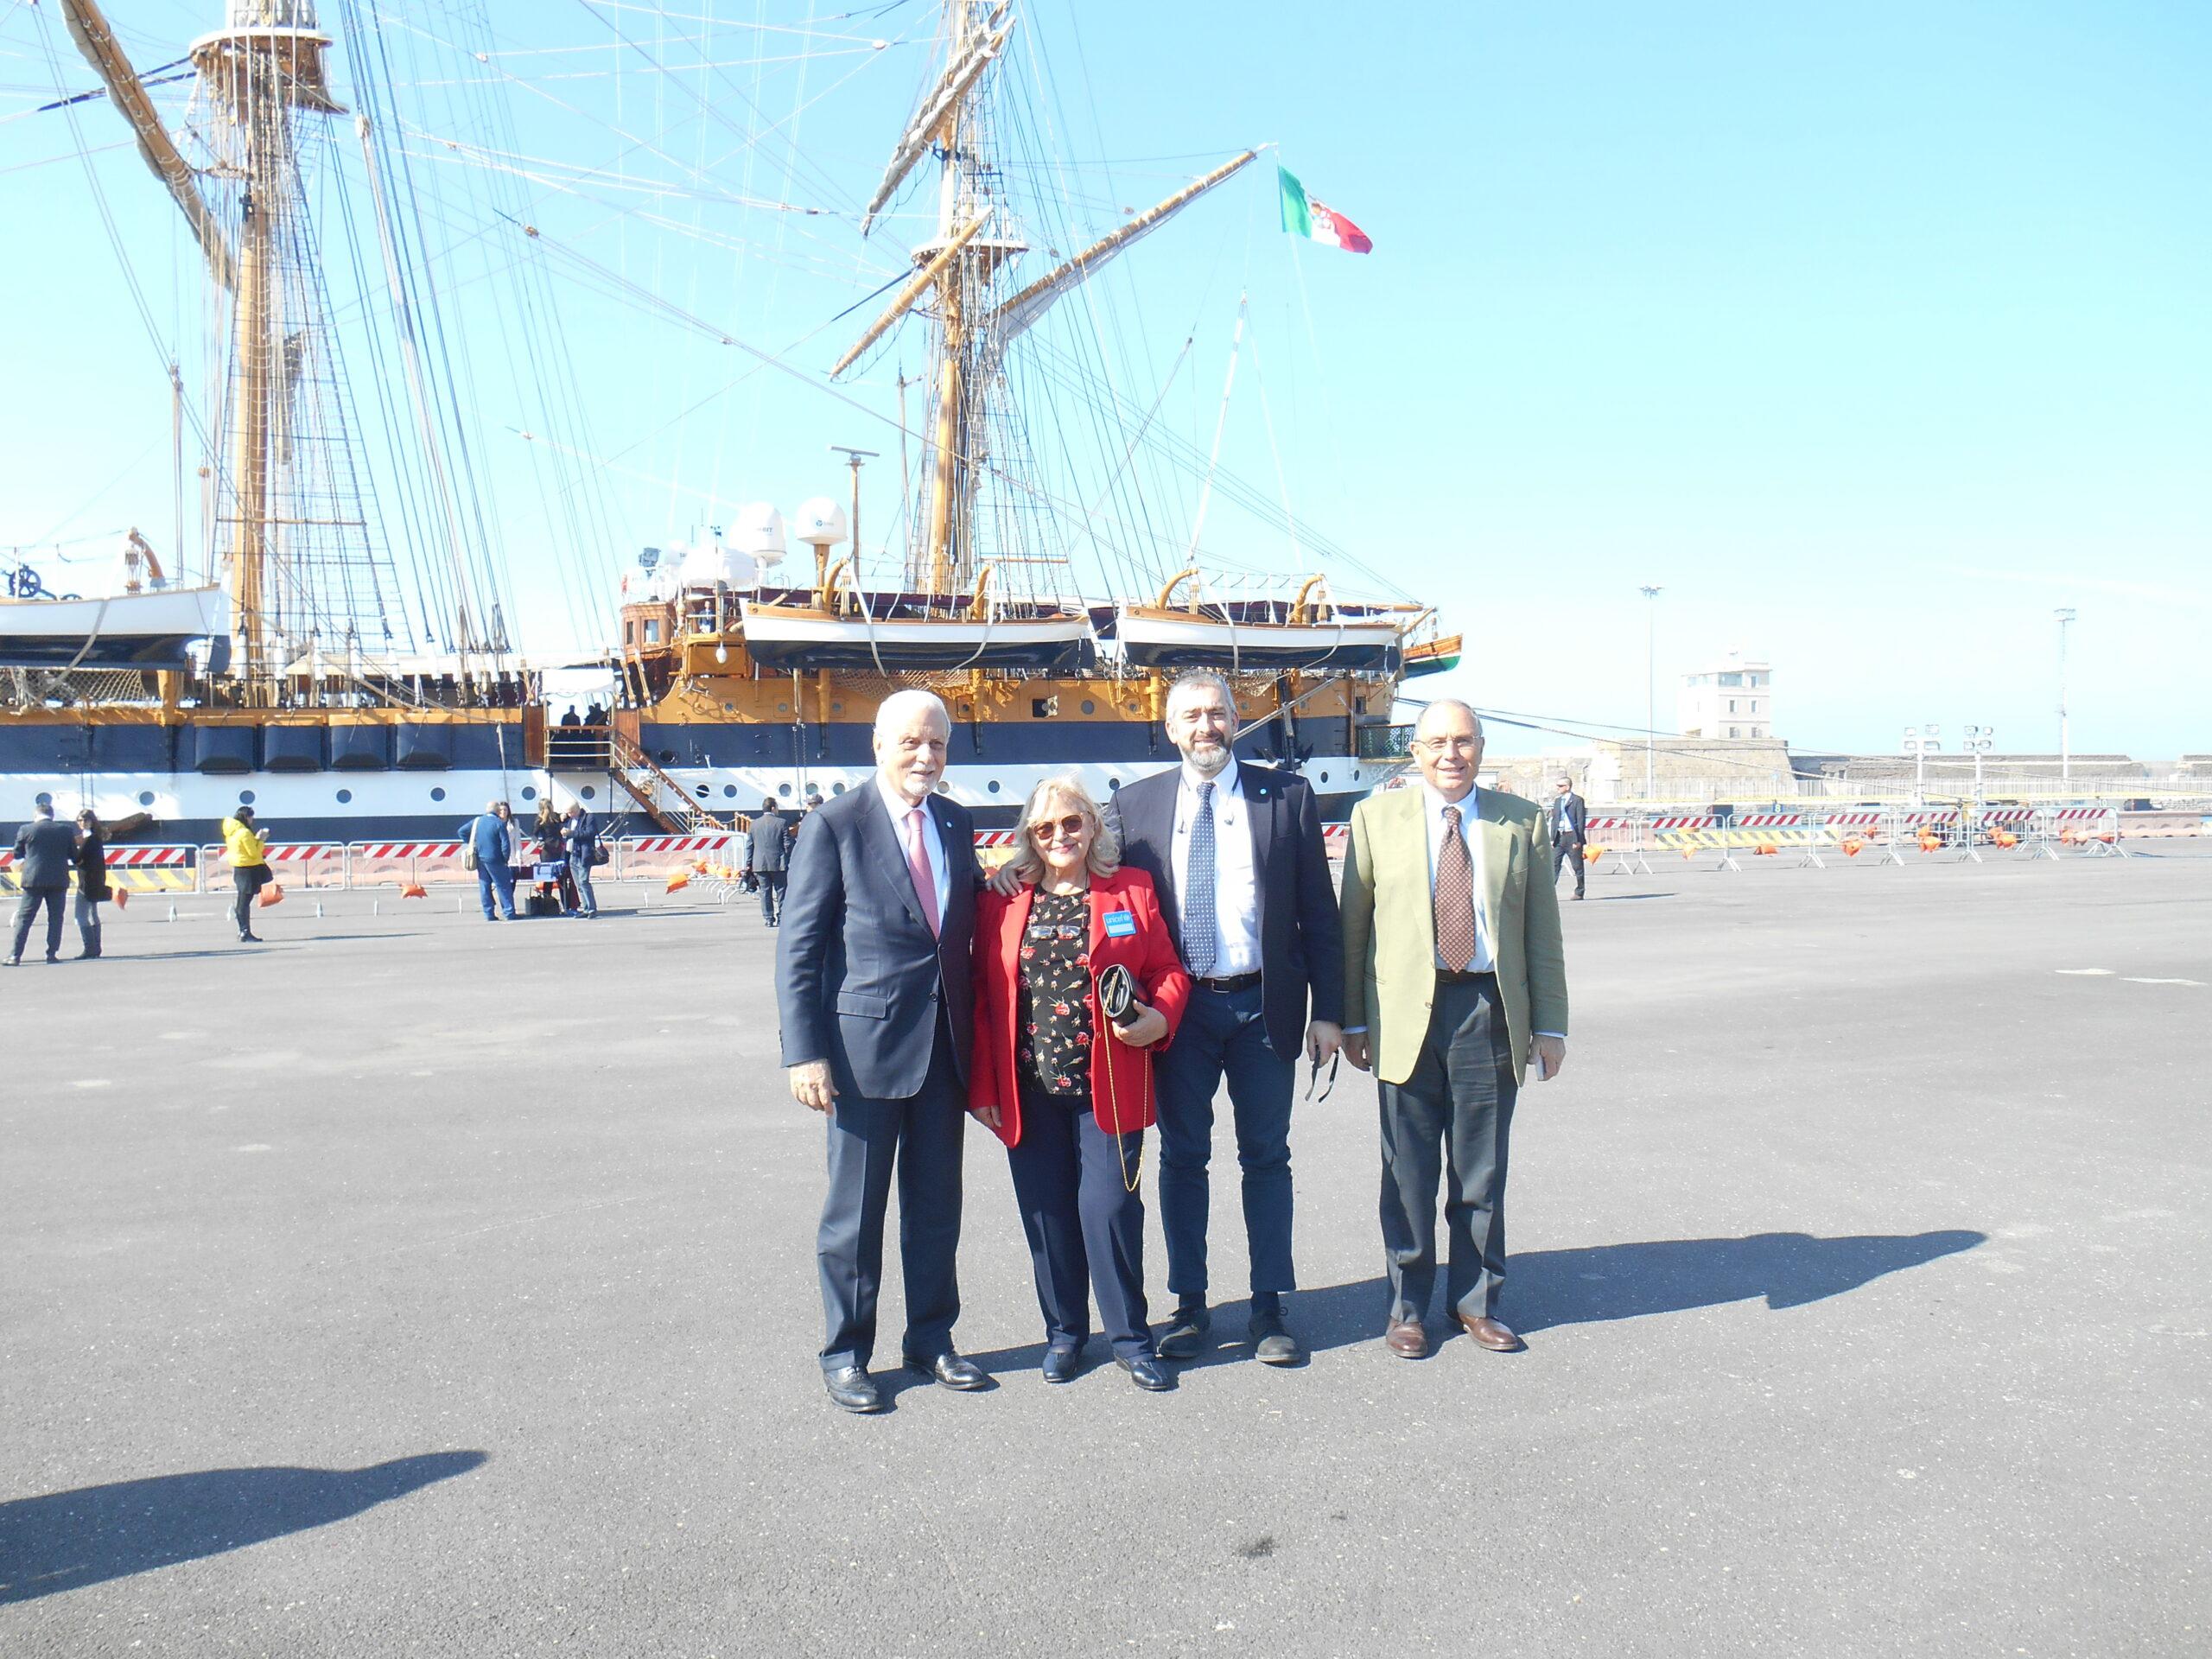 Unicef Italia ospite a bordo della nave scuola Amerigo Vespucci